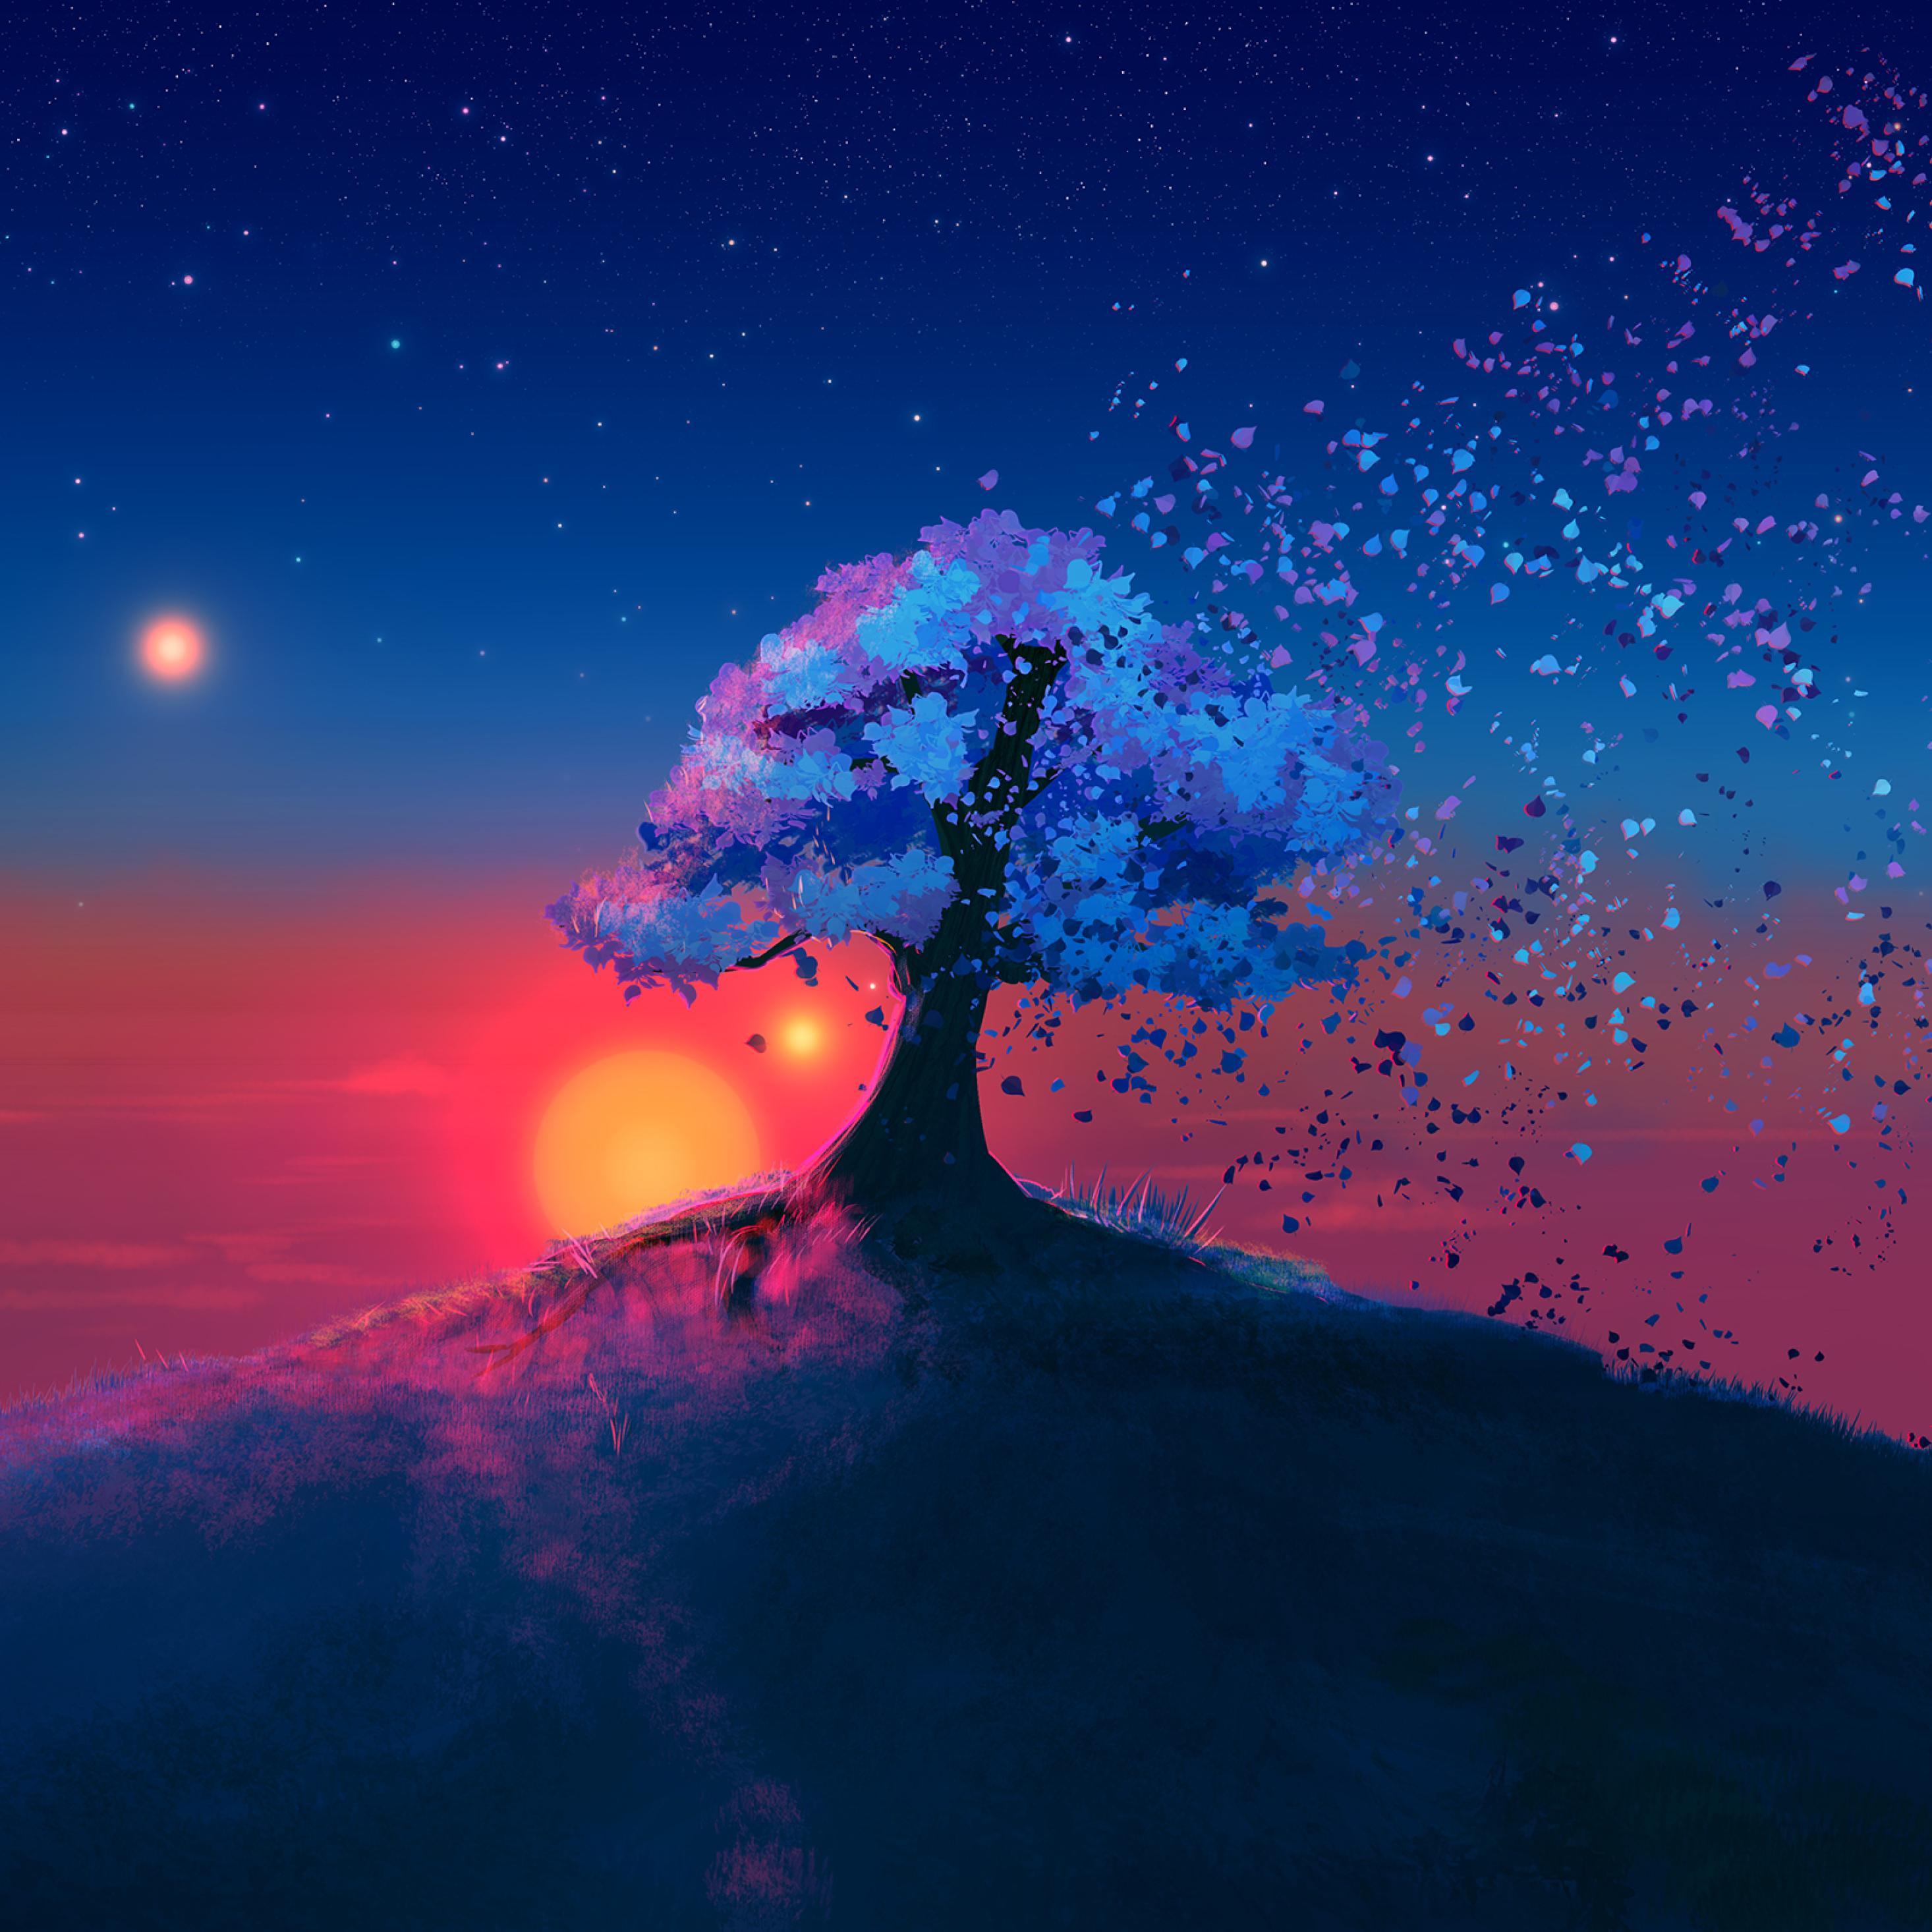 12x12 Just A Tree Ipad Pro Retina Display Wallpaper, HD Artist ...